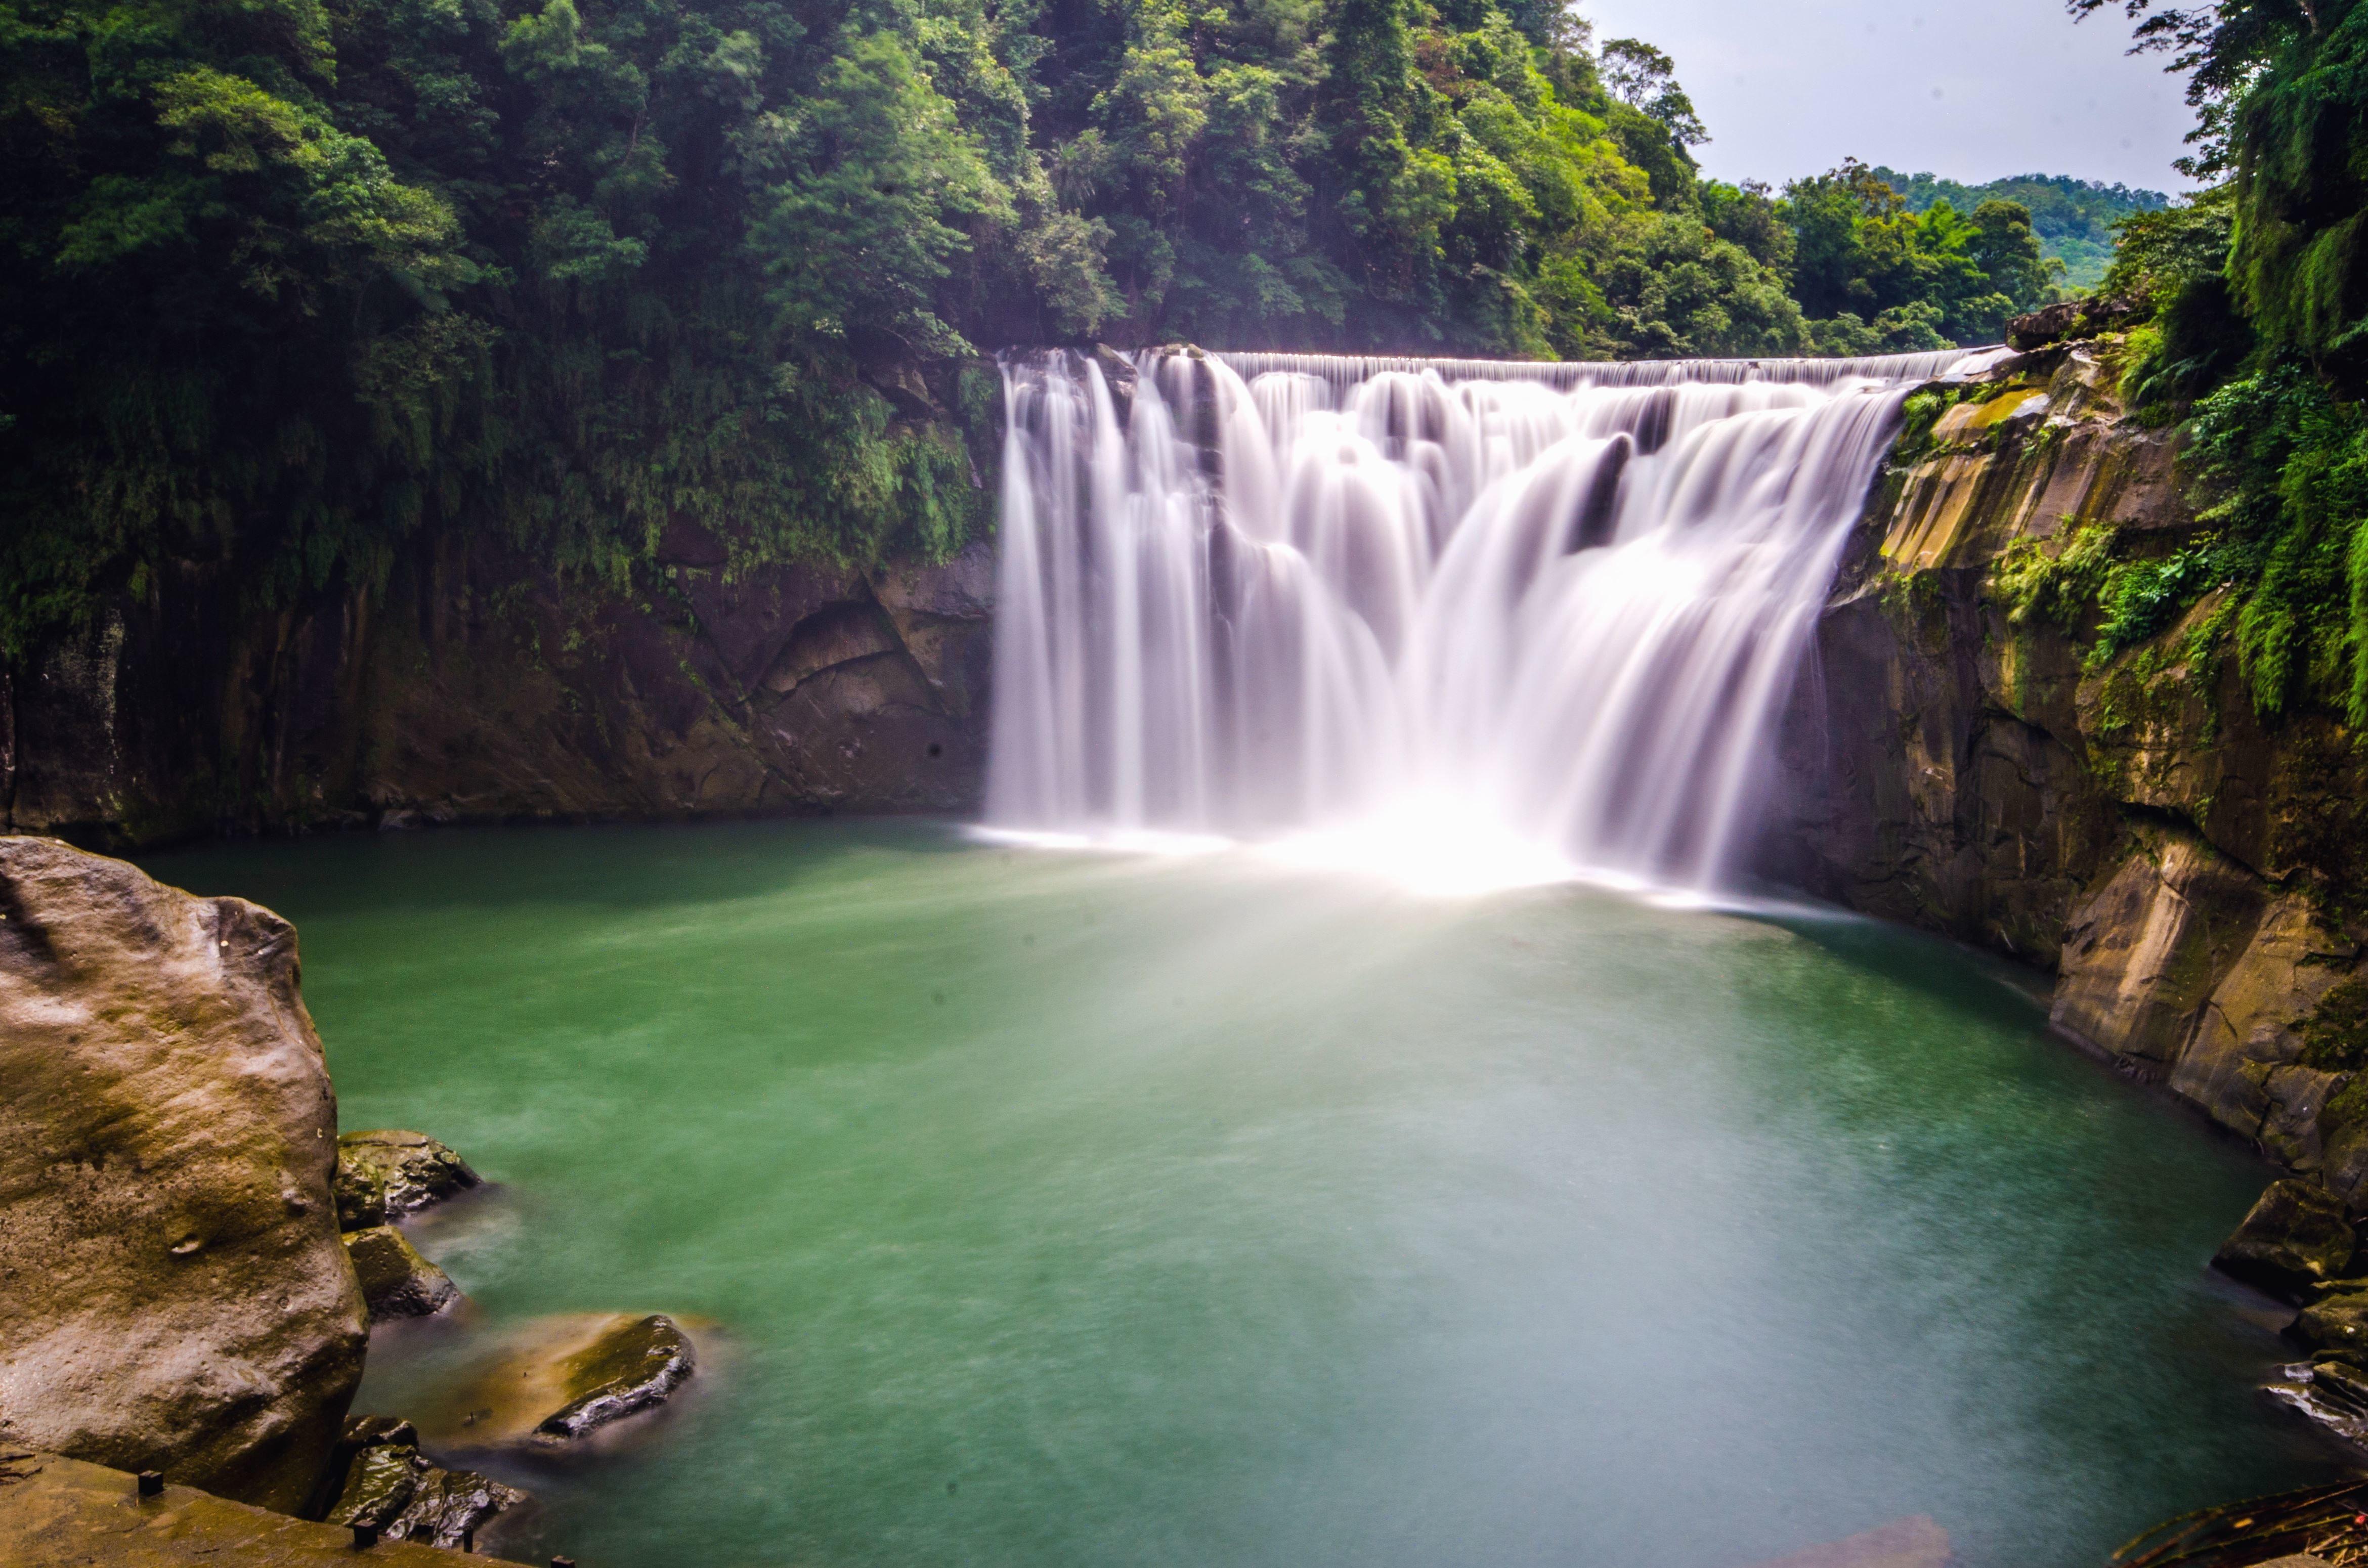 Falls Wallpaper Waterfall Image Libre Falaises Eau Rivi 232 Re Cascade Nature Ciel